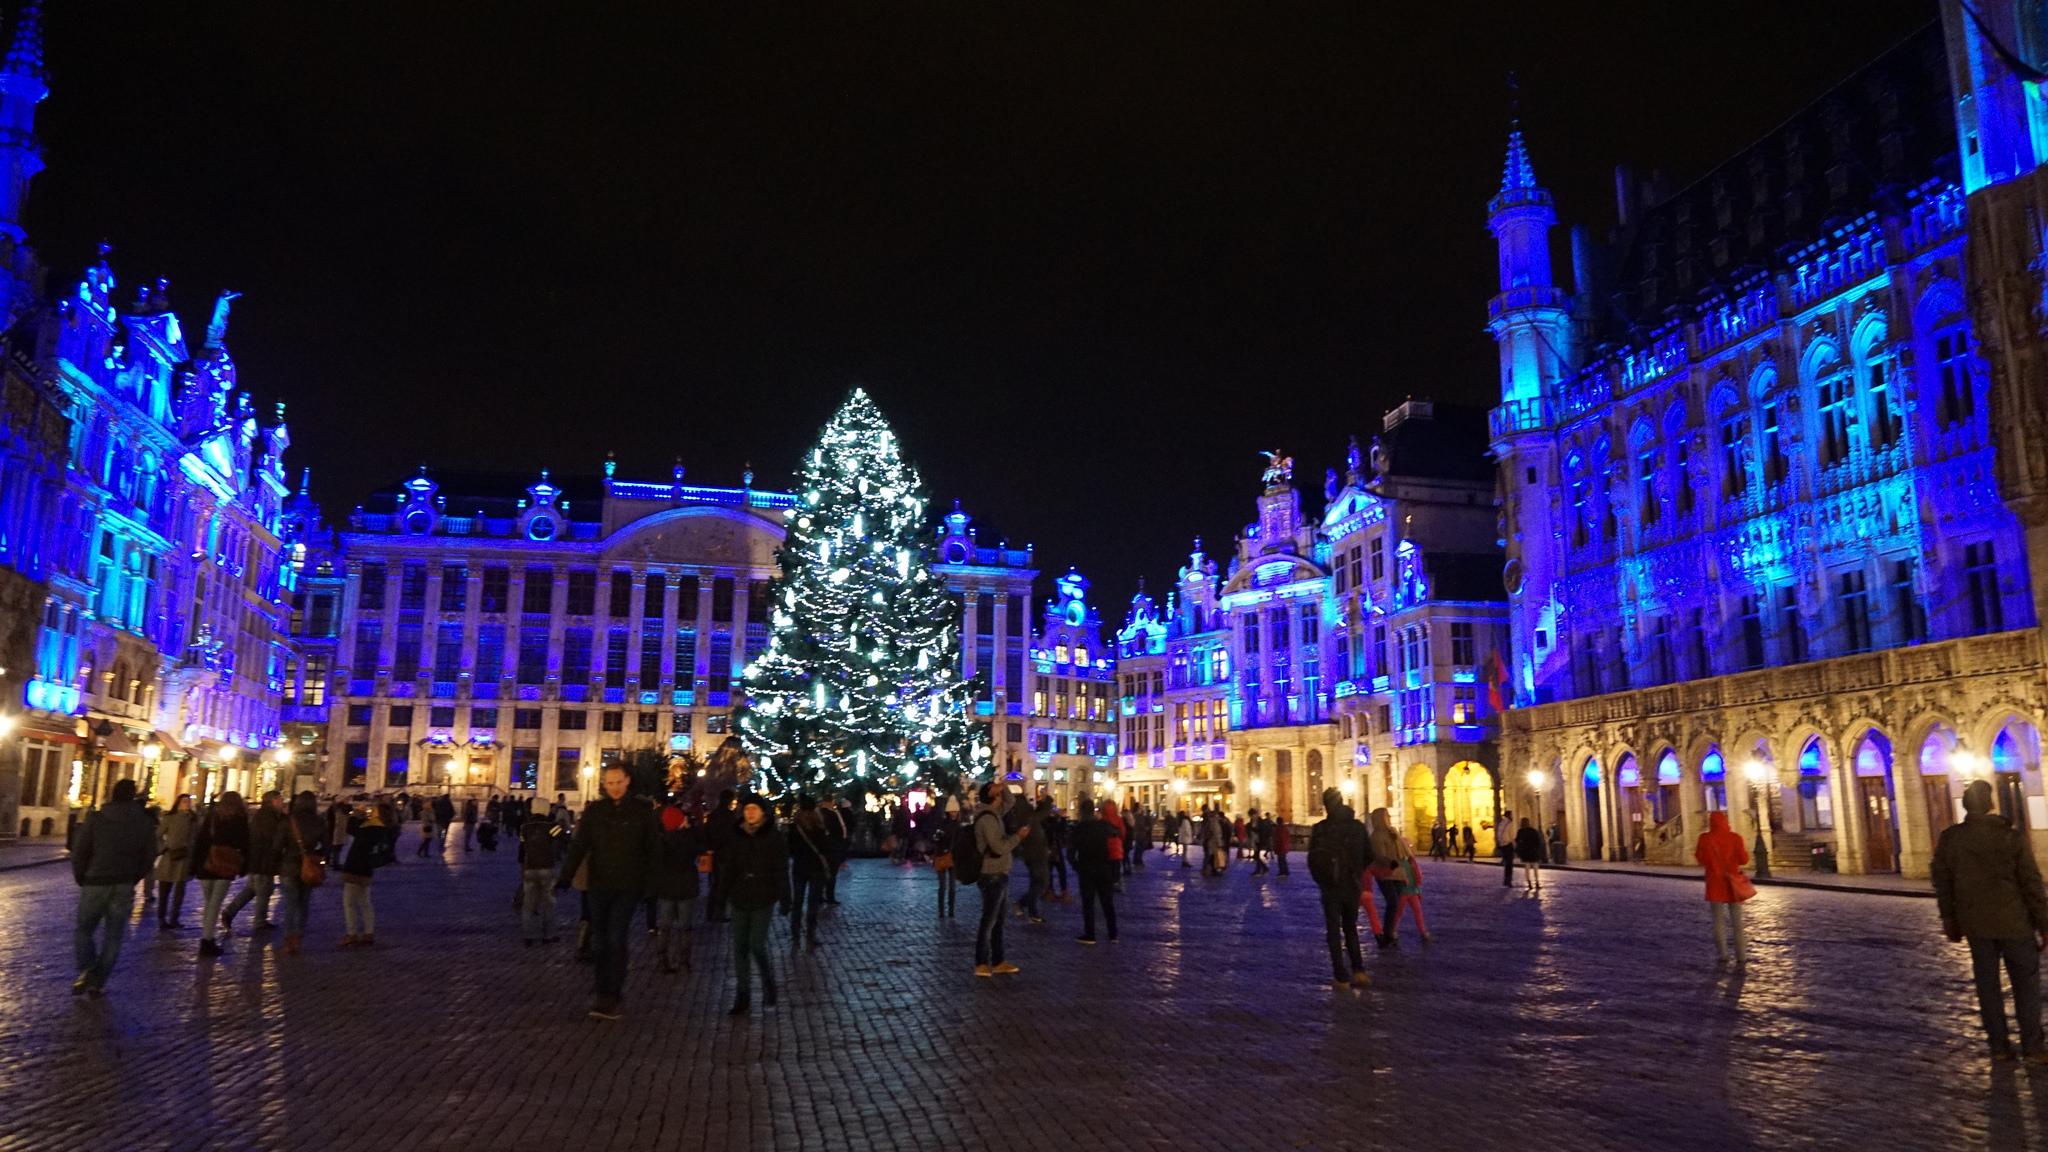 Le marché de Noel de Bruxelles